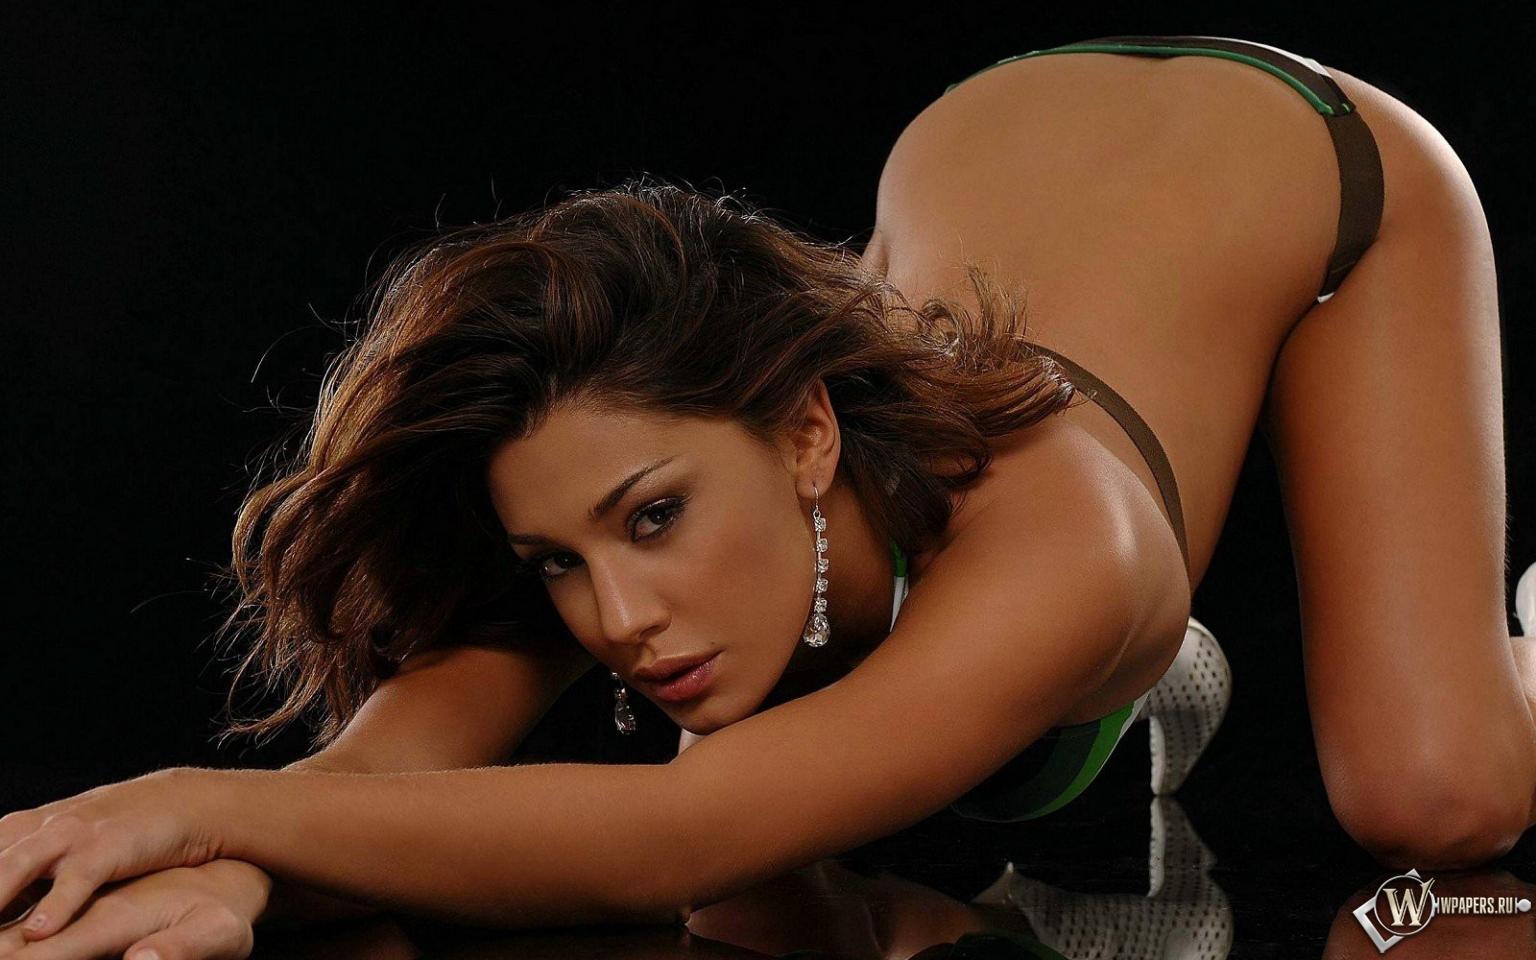 Белен Родригез (Belen Rodriguez) 1536x960